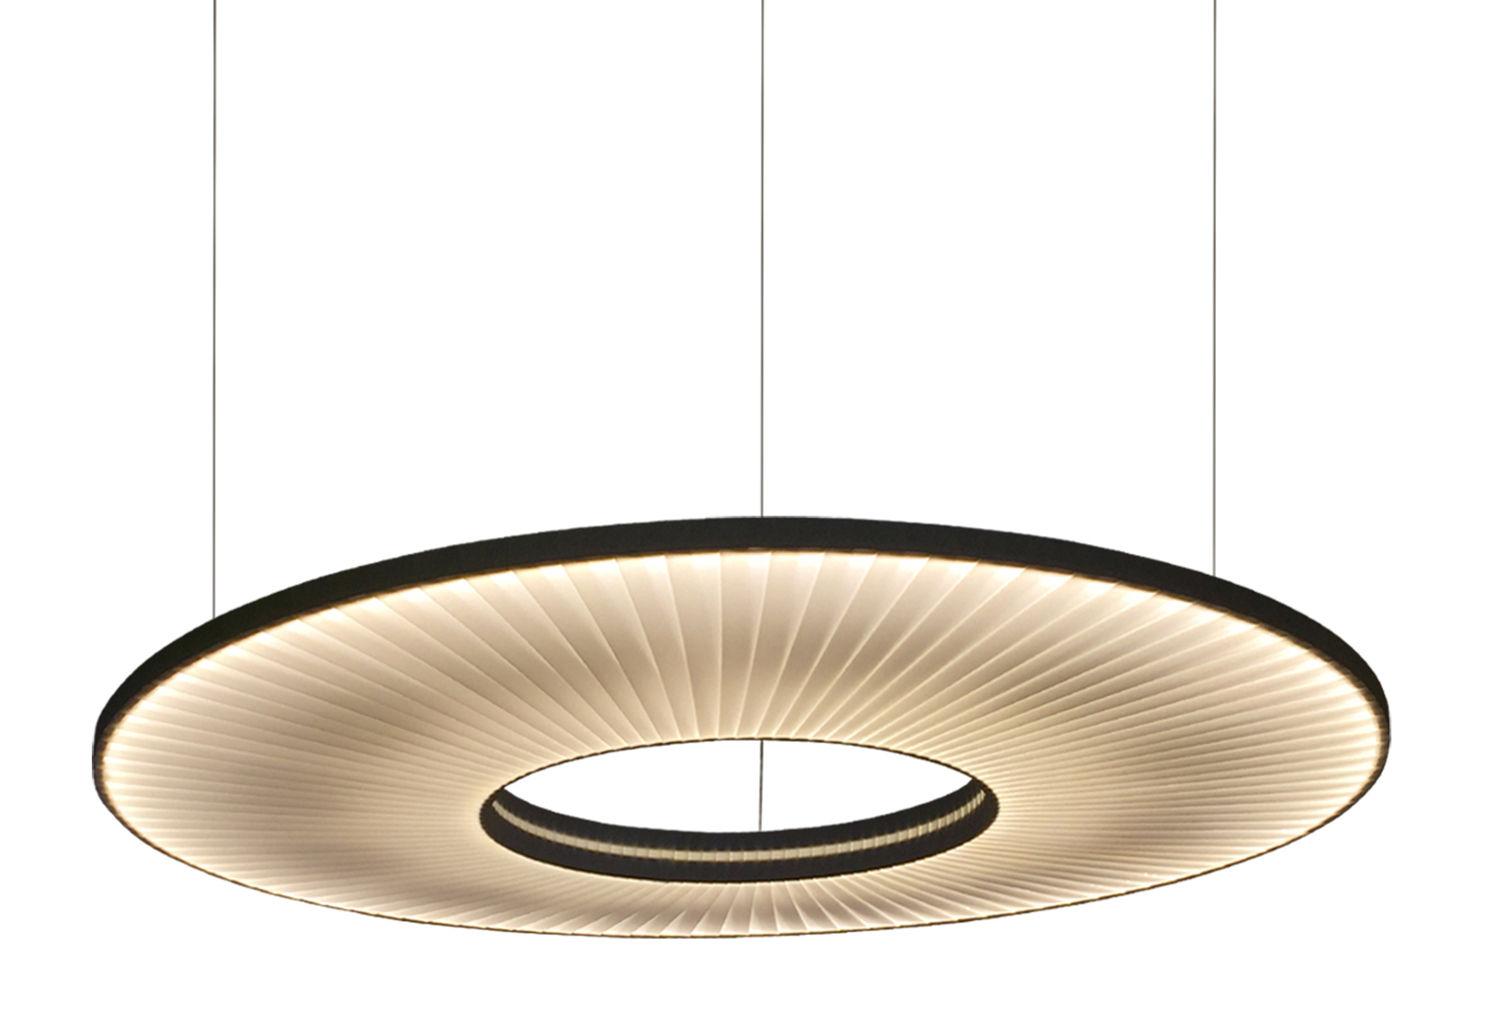 Illuminazione - Lampadari - Sospensione Iris Orizzontale LED / Ø 60 cm - Tessuto & illuminazione recto-verso - Dix Heures Dix - Ø 60 cm / Tessuto Bianco - Metallo, Tessuto